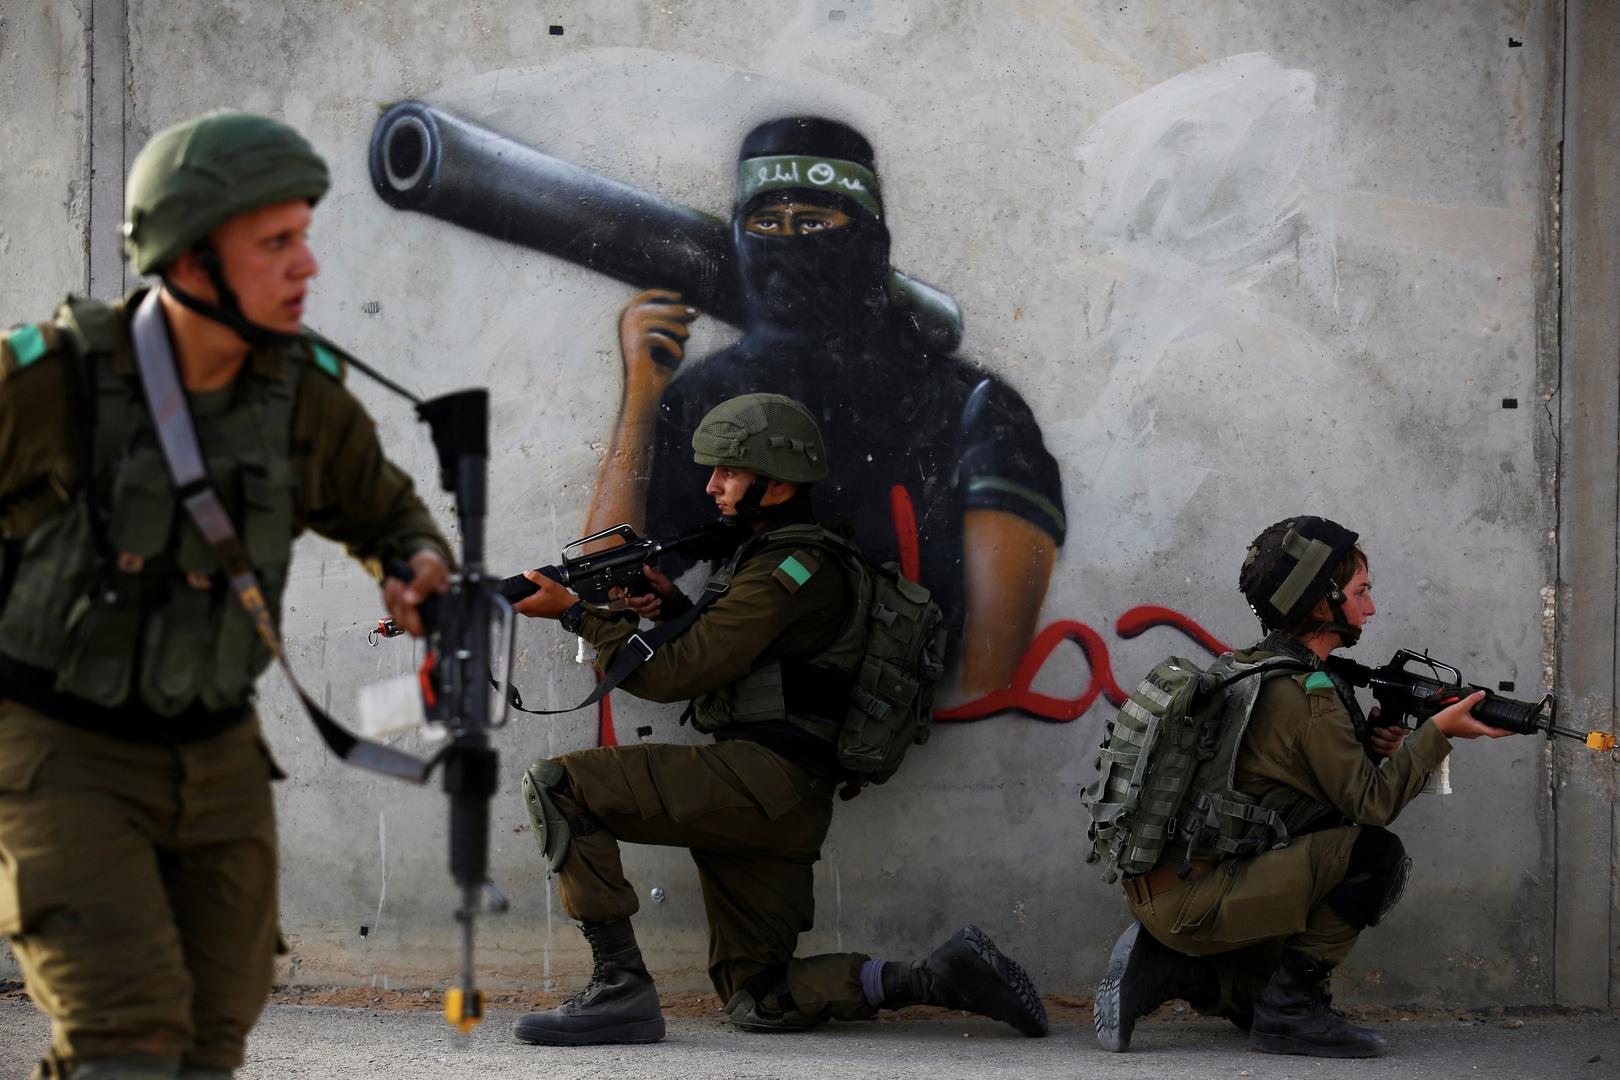 الجيش الإسرائيلي يطلق النار على فلسطيني بحجة محاولة تنفيذ عملية طعن (فيديو)